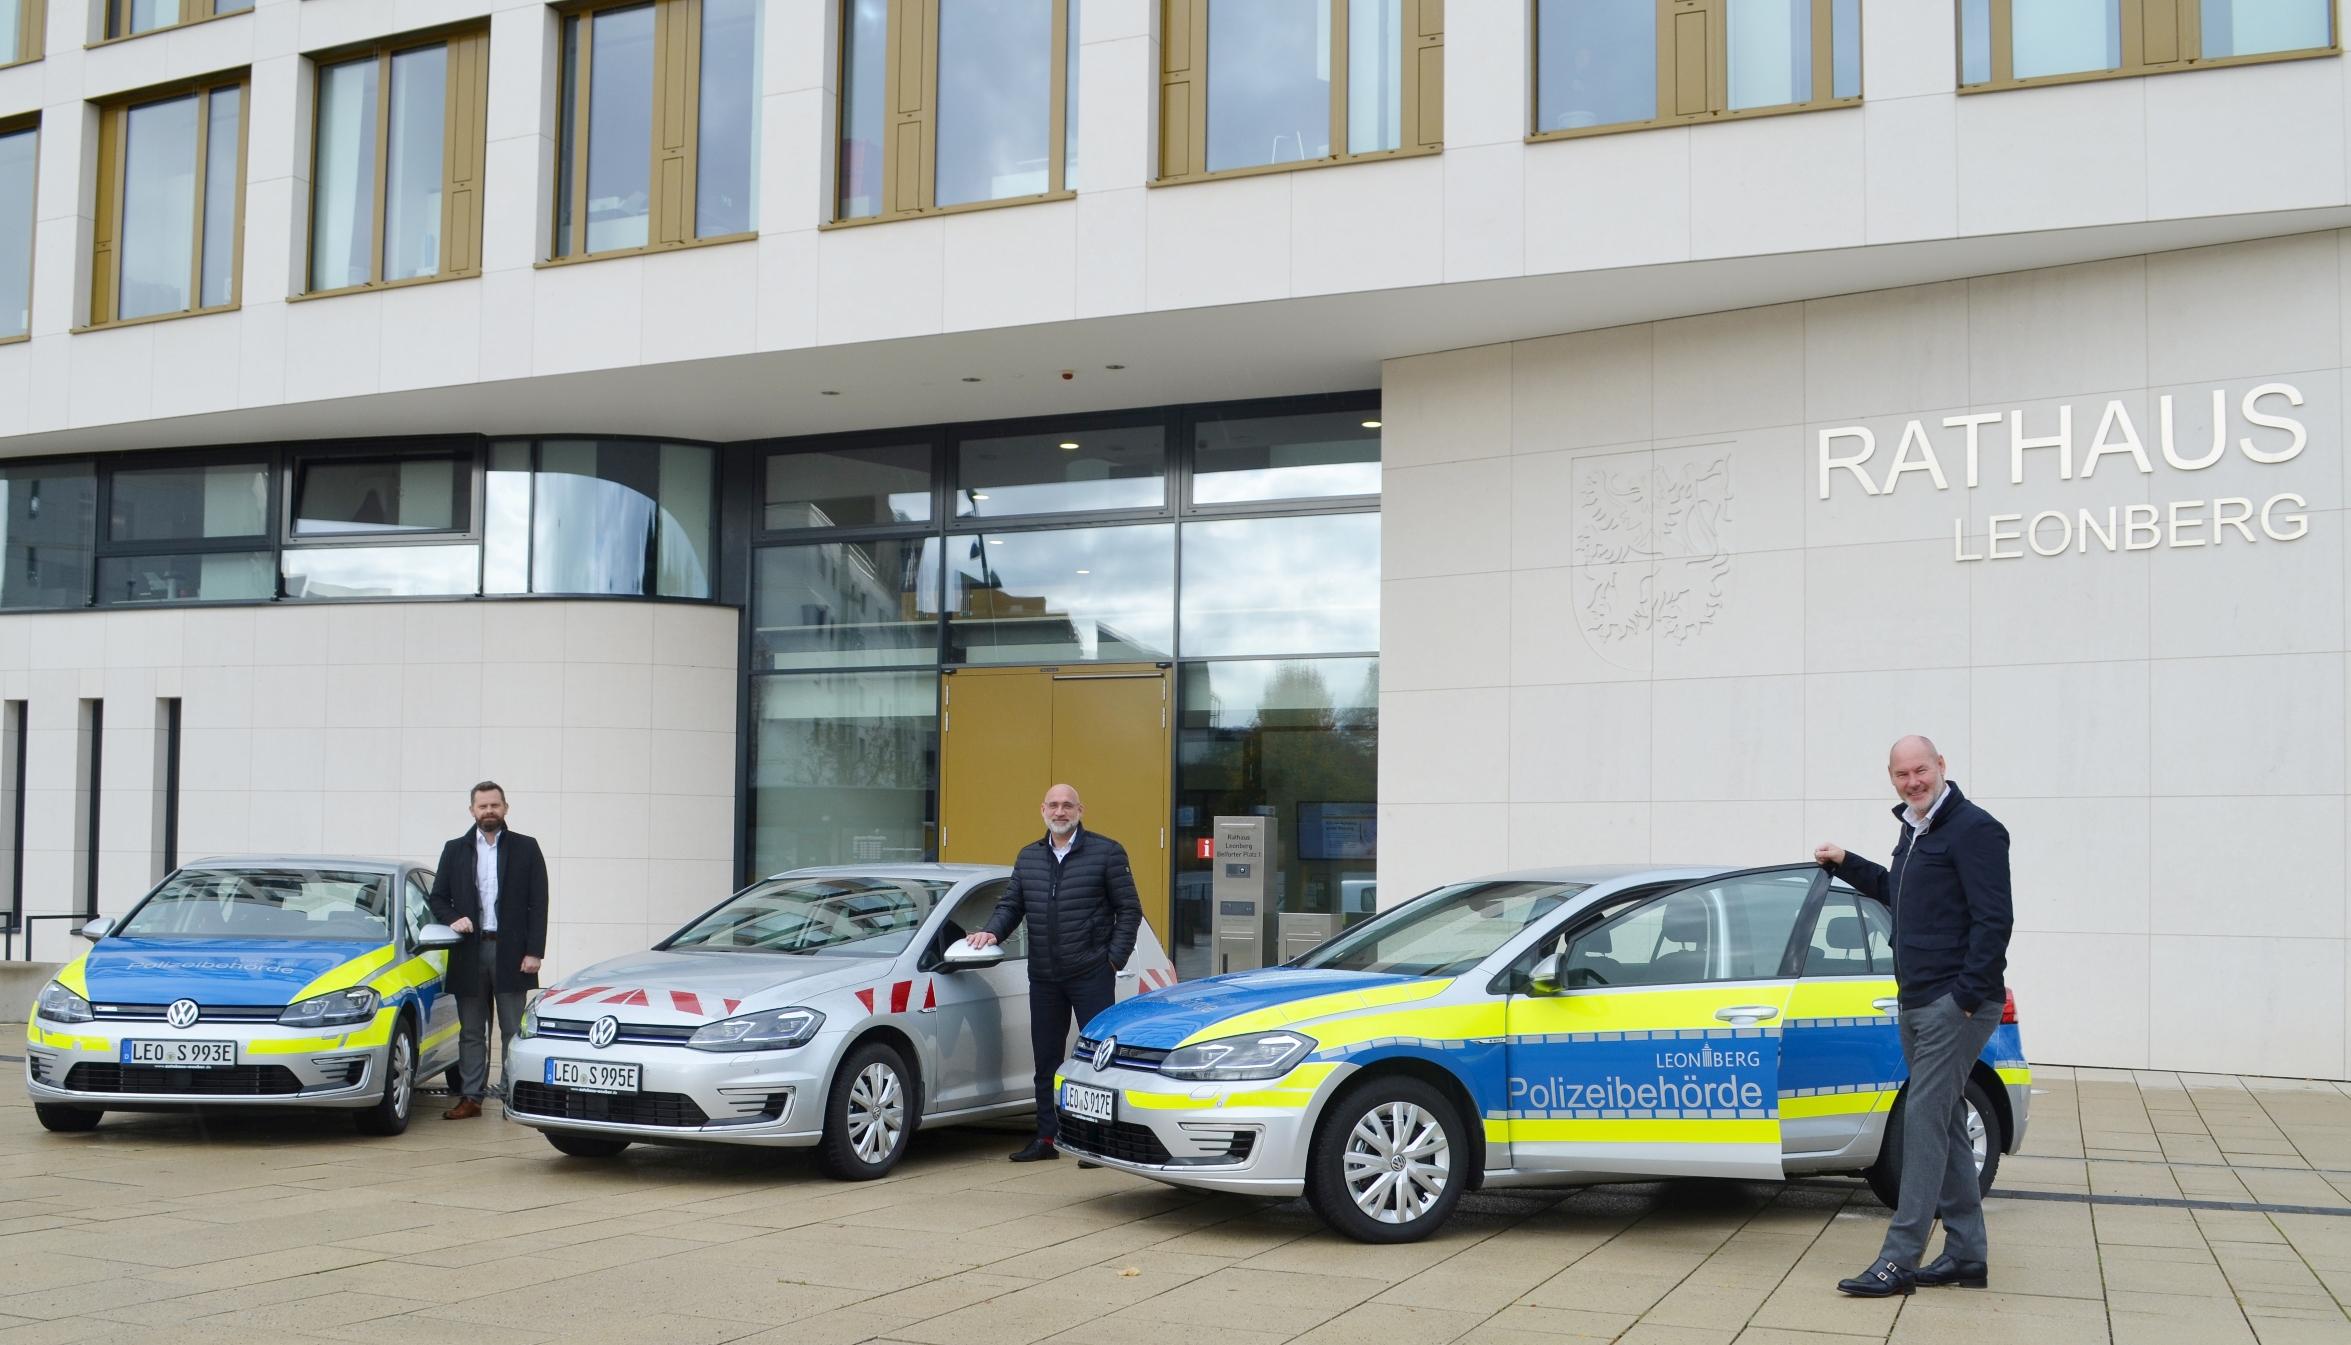 Elektromobilität Leonberg